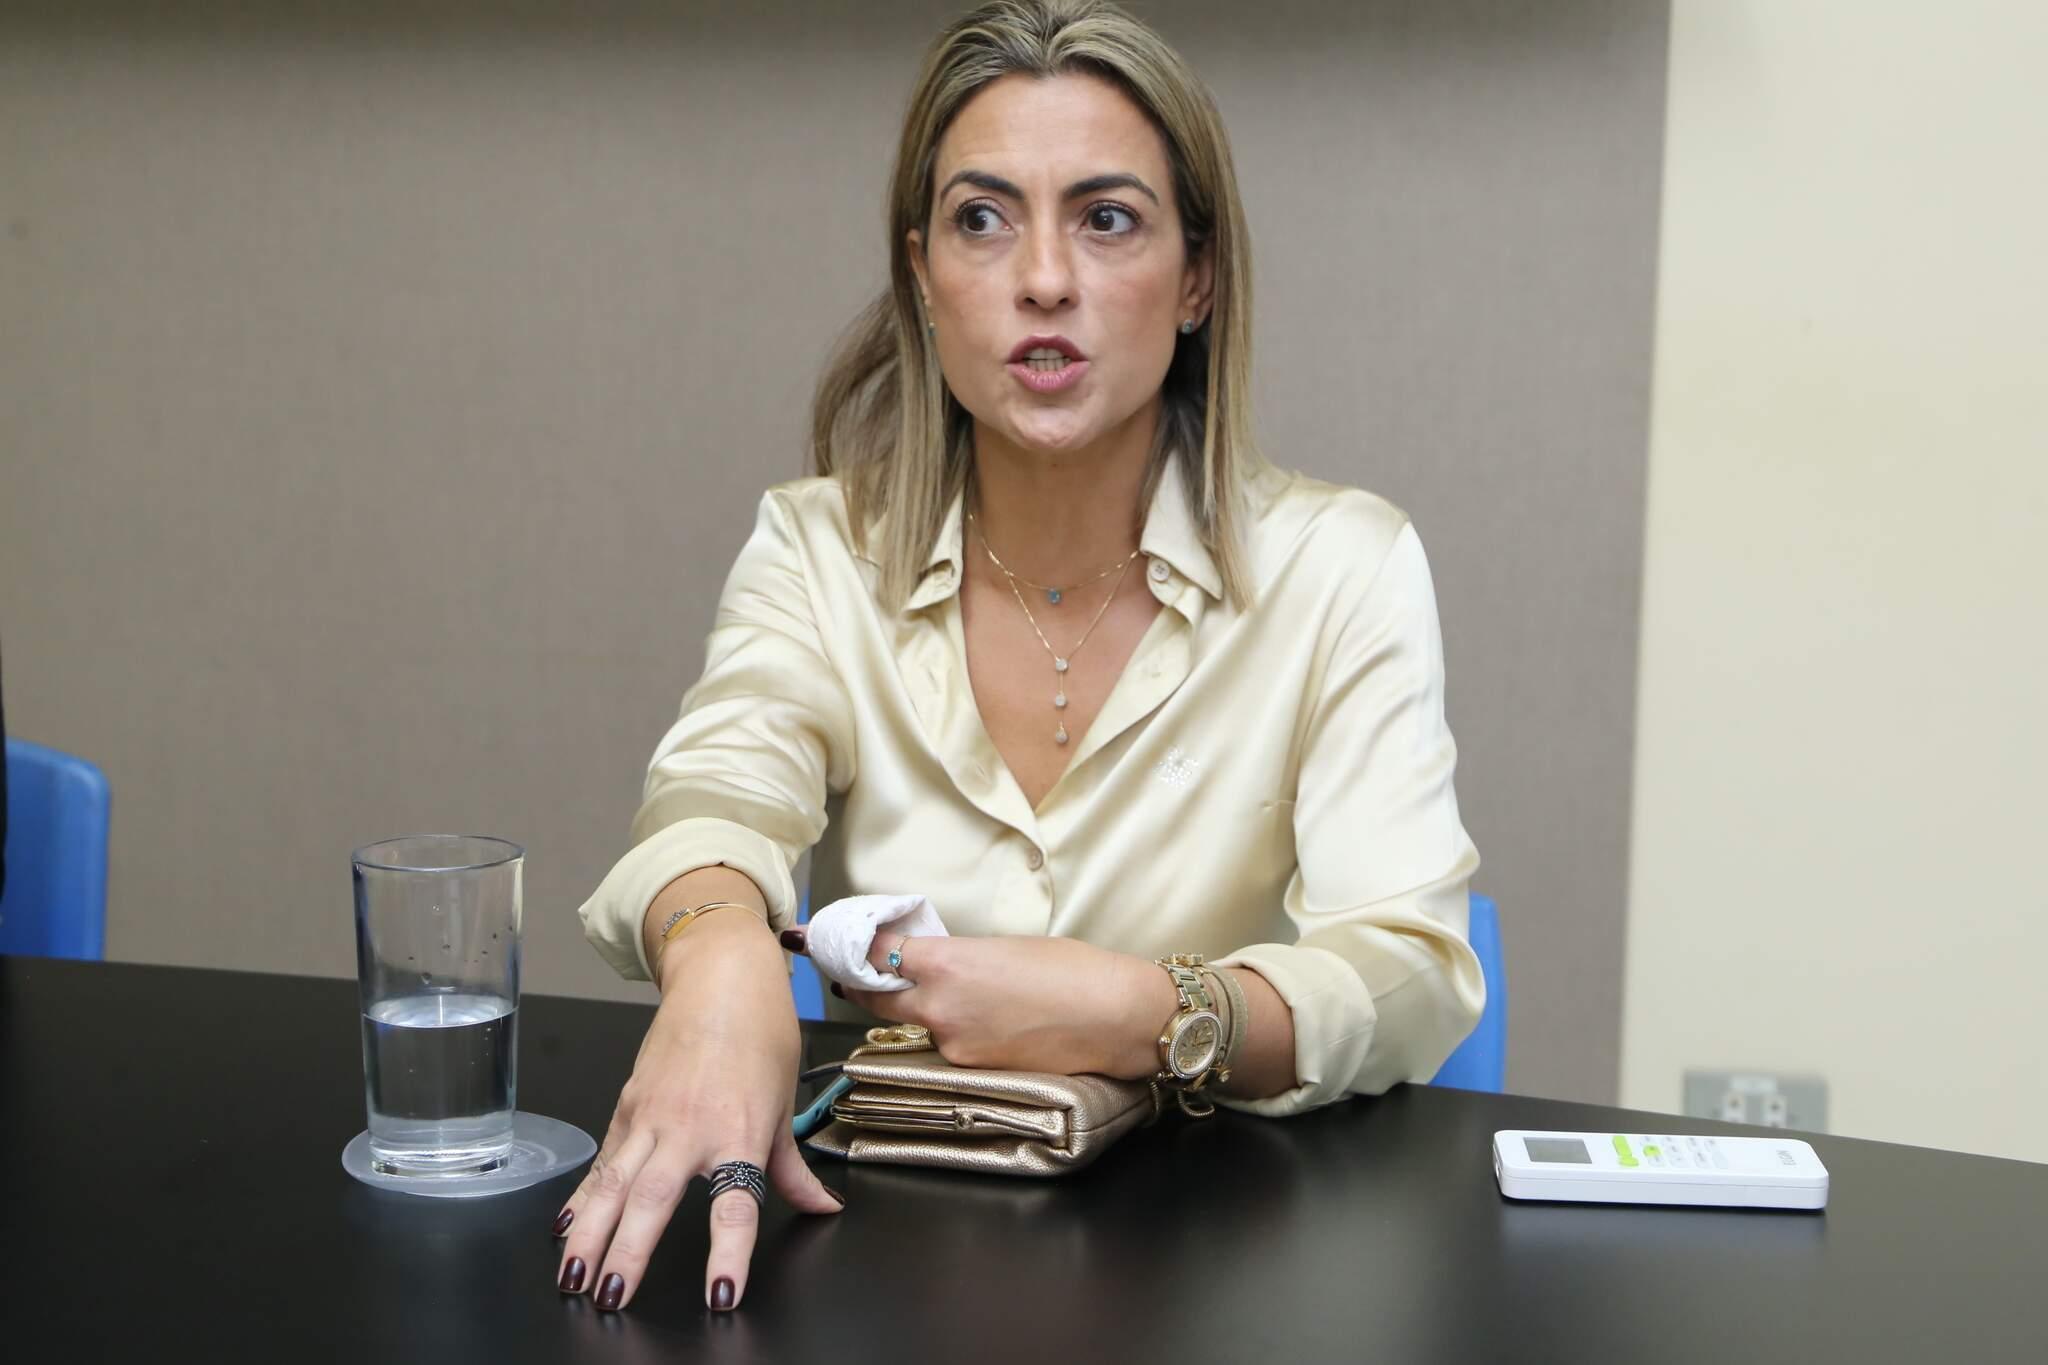 Segundo a senadora, chances dela aceitar a empreitada são grandes. (Foto: Kísie Ainoã)